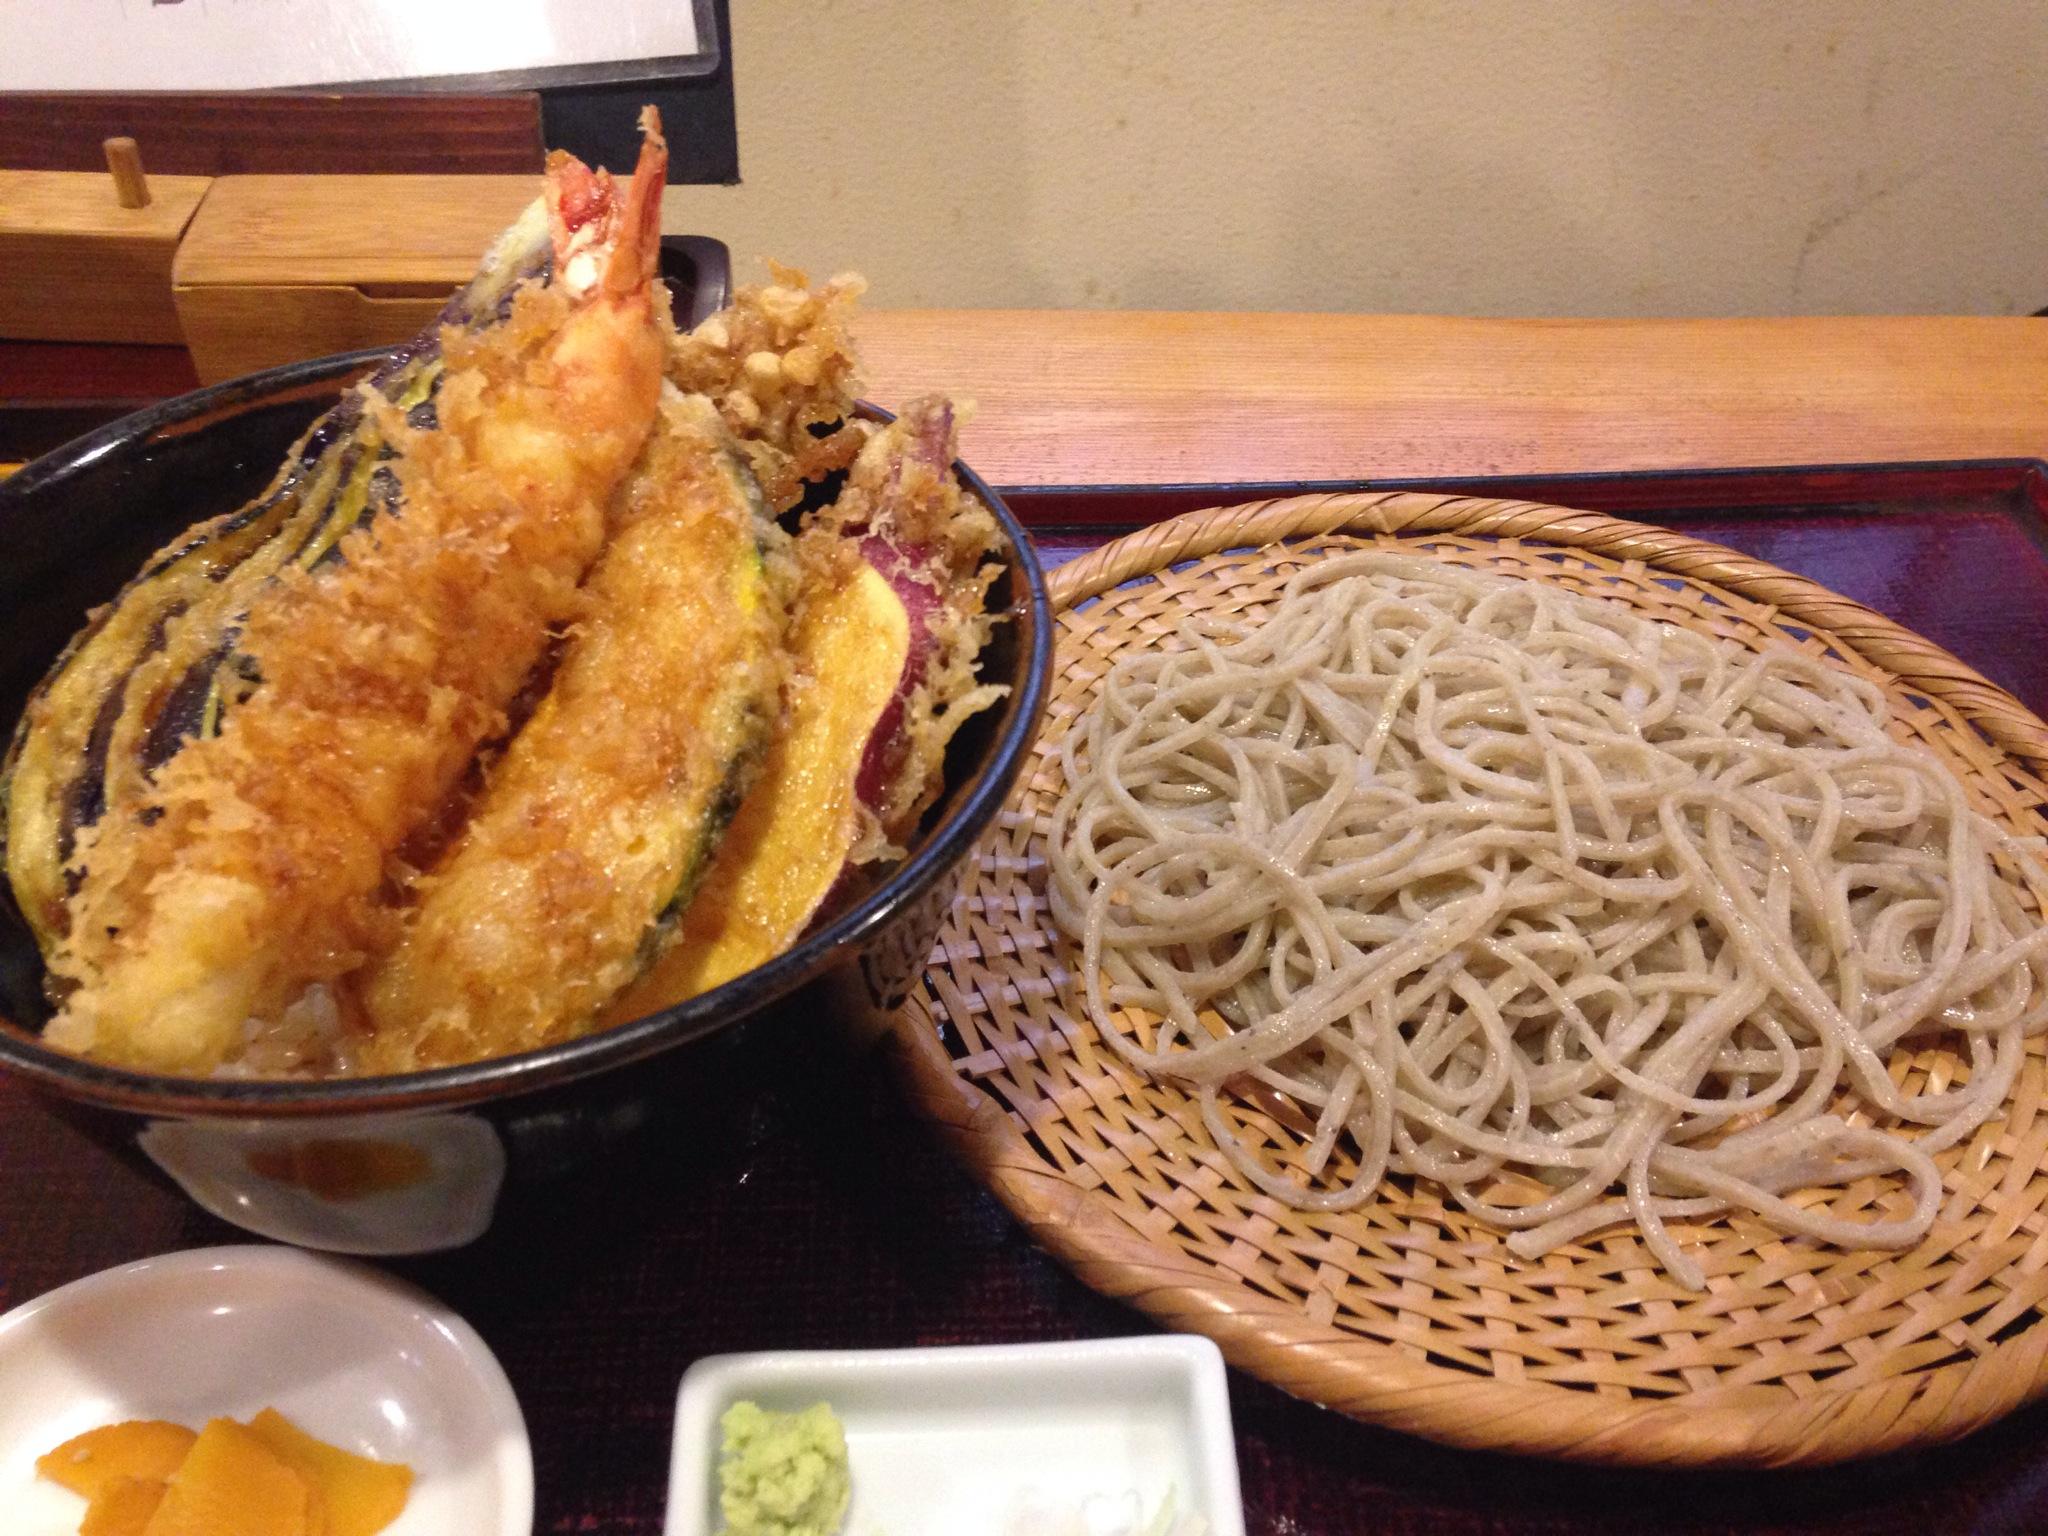 三鷹No.1のそば屋「きびや」で、粗びきそばの天丼セットを食す! 喉ごしよりも噛みごたえを楽しめる蕎麦でした!